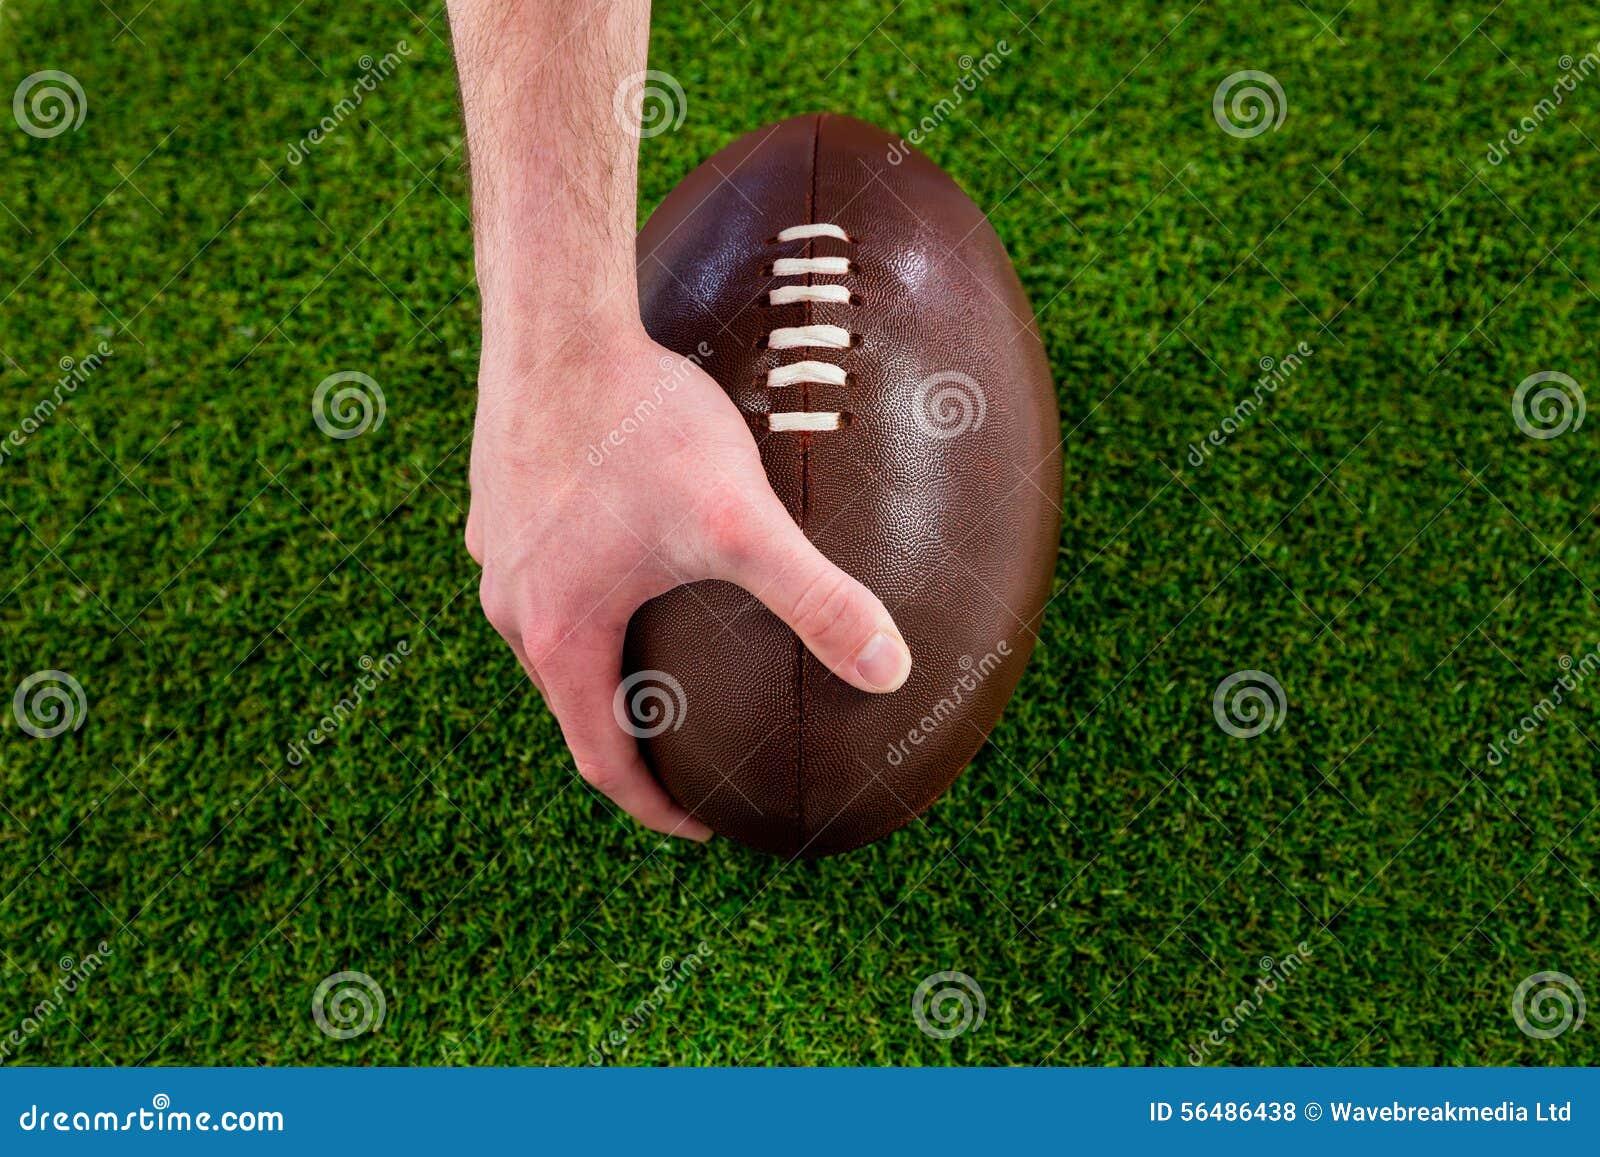 Un joueur de rugby faisant un touchdown